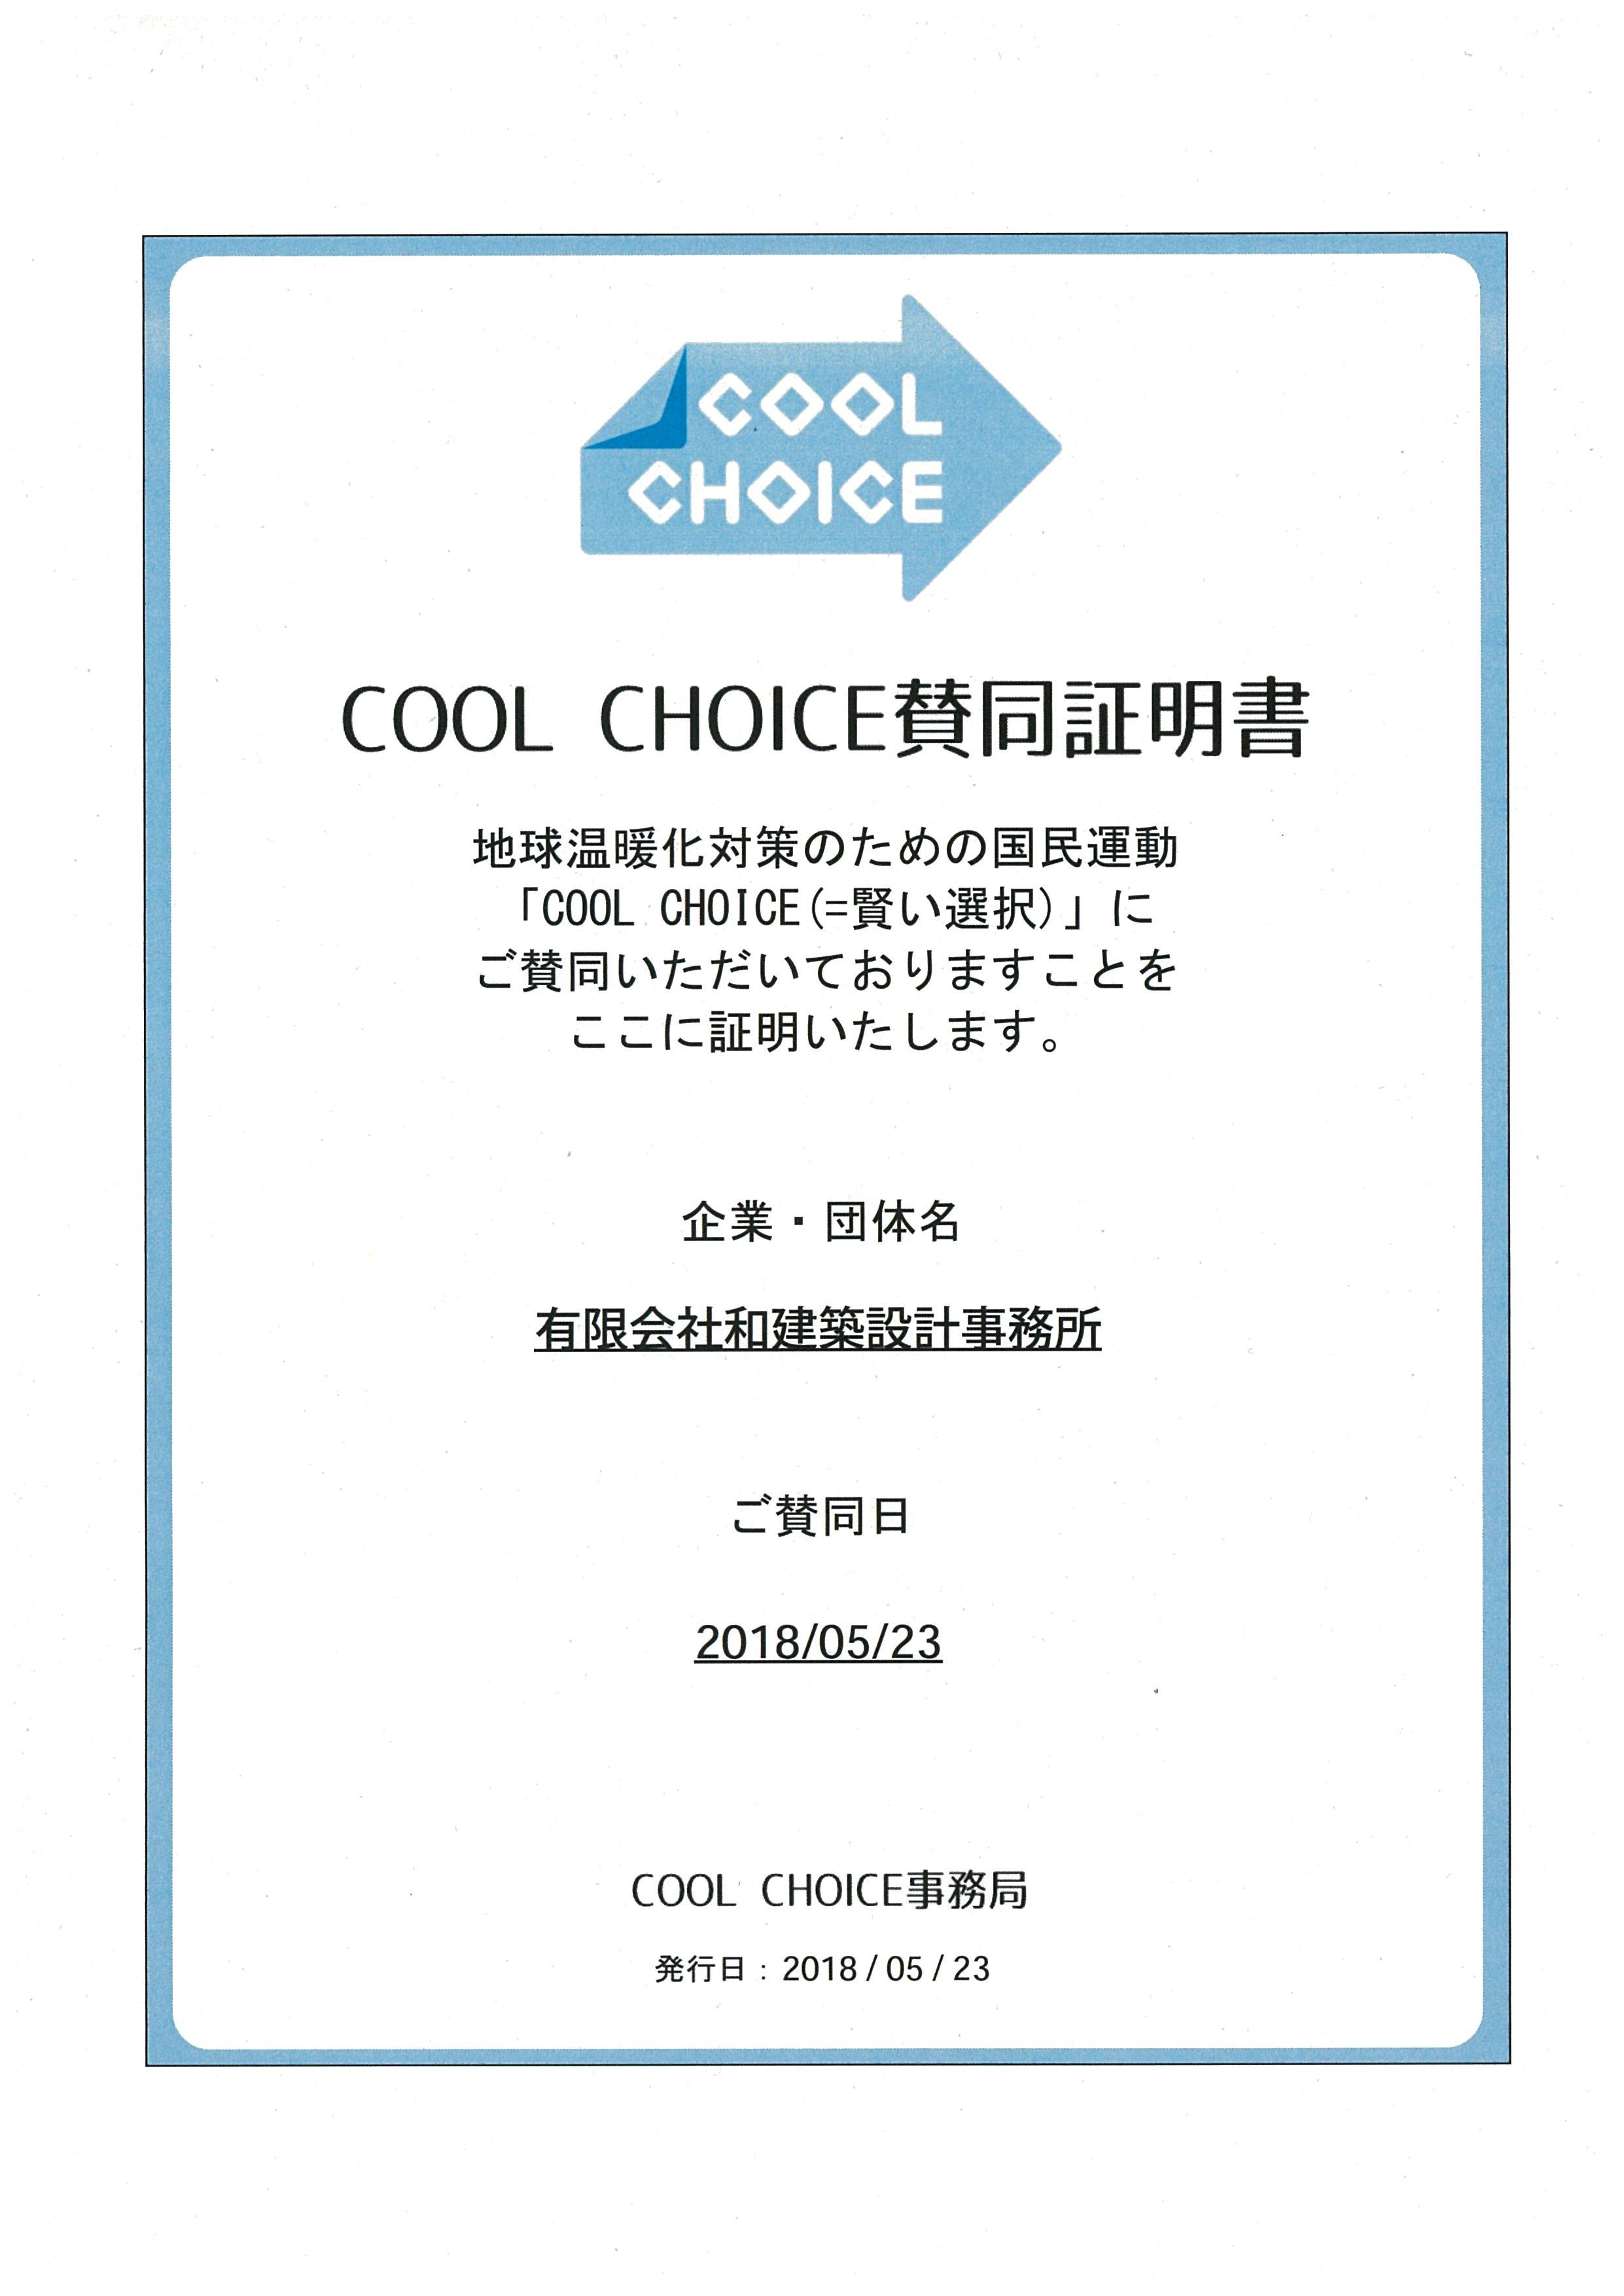 cool choice.jpg